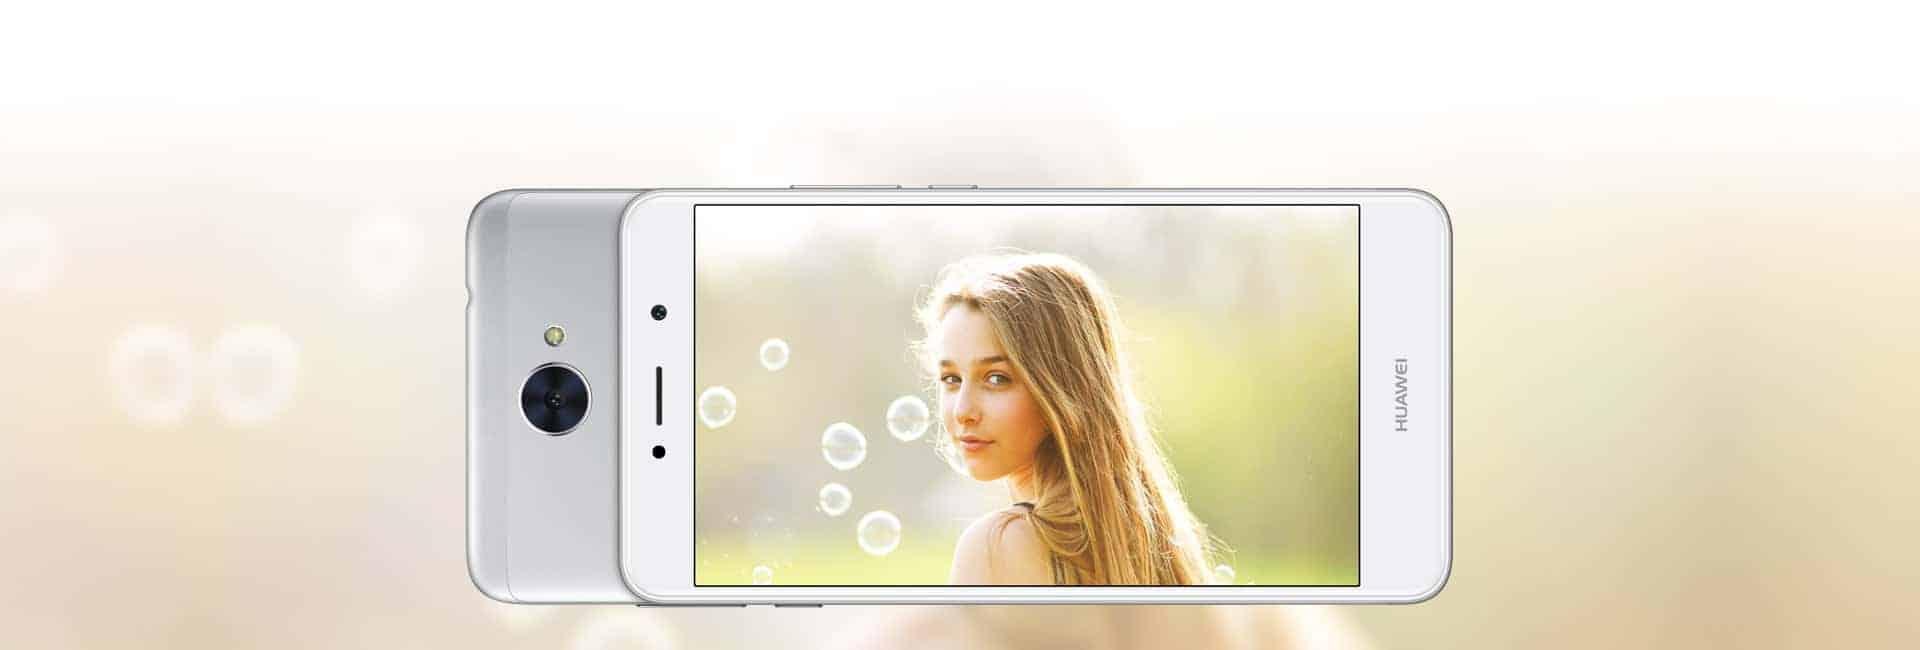 Huawei Y7 Prime 2